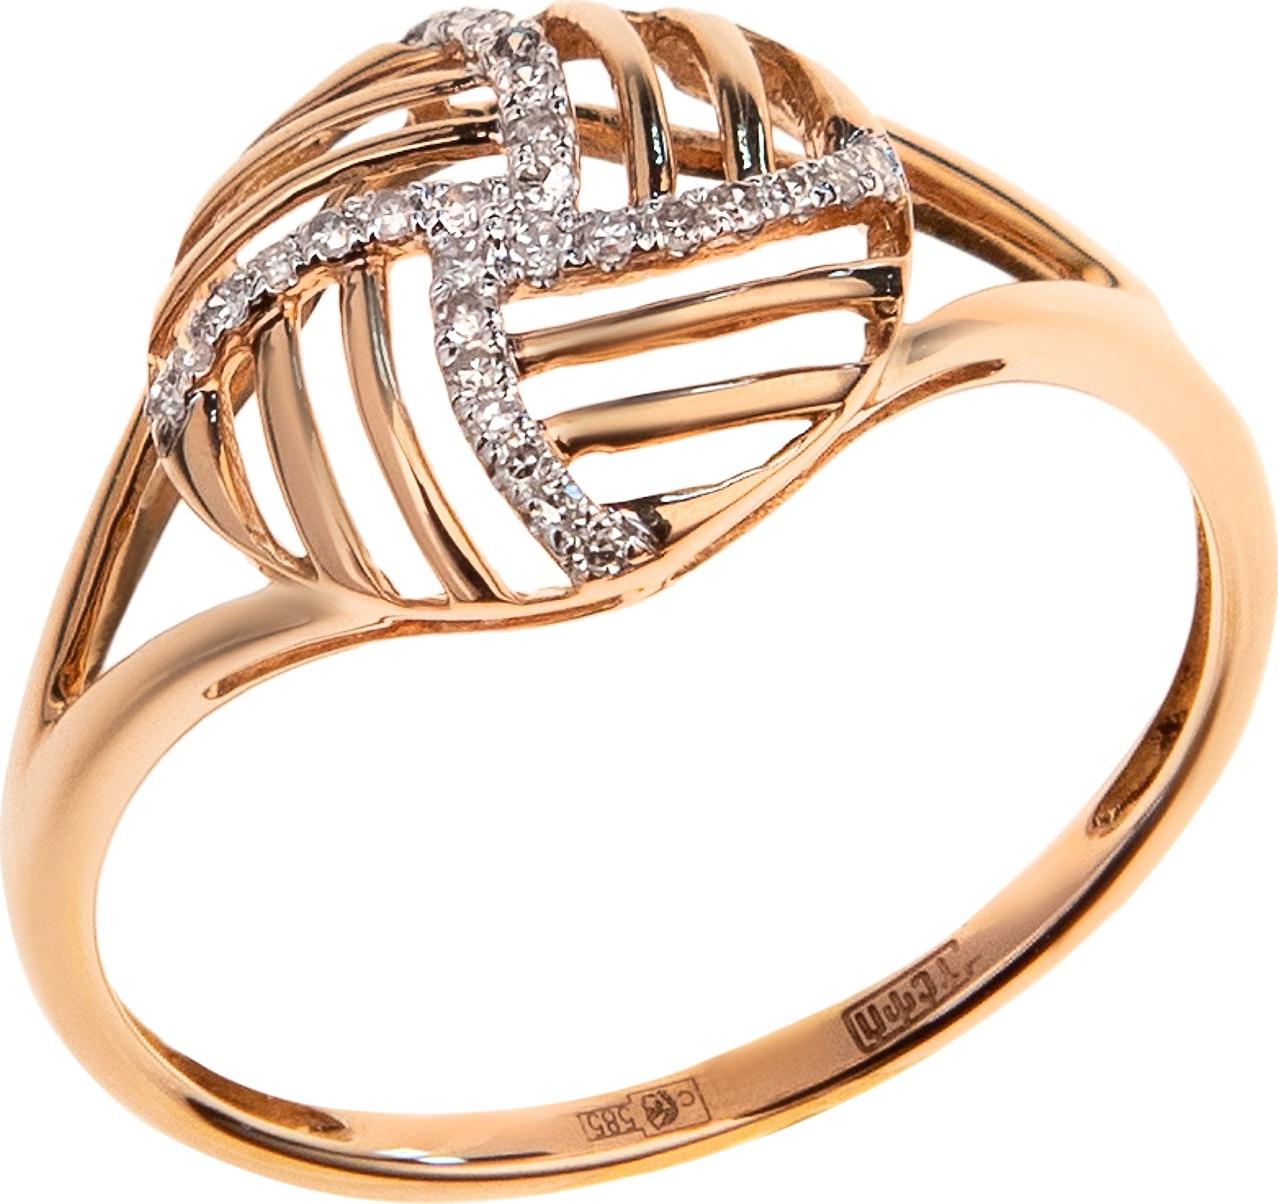 Кольцо Акцент Бриллиант, золото 585, бриллиант, 17, ЦБ000007708Золото красное12 Бр. кр.17 2/2 0,037 ct, 16 Бр. кр.17 2/2 0,033 ct • Не замеряйте замерзшие пальцы, в этот момент их размер отличается от обычного. Для точного определения размера, замеряйте ваш палец в конце дня, когда его размер является наибольшим. • Определите, размер какого пальца вам необходимо узнать. Помолвочные и обручальные кольца принято носить на безымянном пальце правой руки. • Если вам подходят два размера, стоит выбрать больший. • Если сустав шире самого пальца – измеряйте диаметр сустава. • Если вы хотите приобрести кольцо с ободком шире 4 мм, его размер должен быть примерно на полразмера больше обычного.